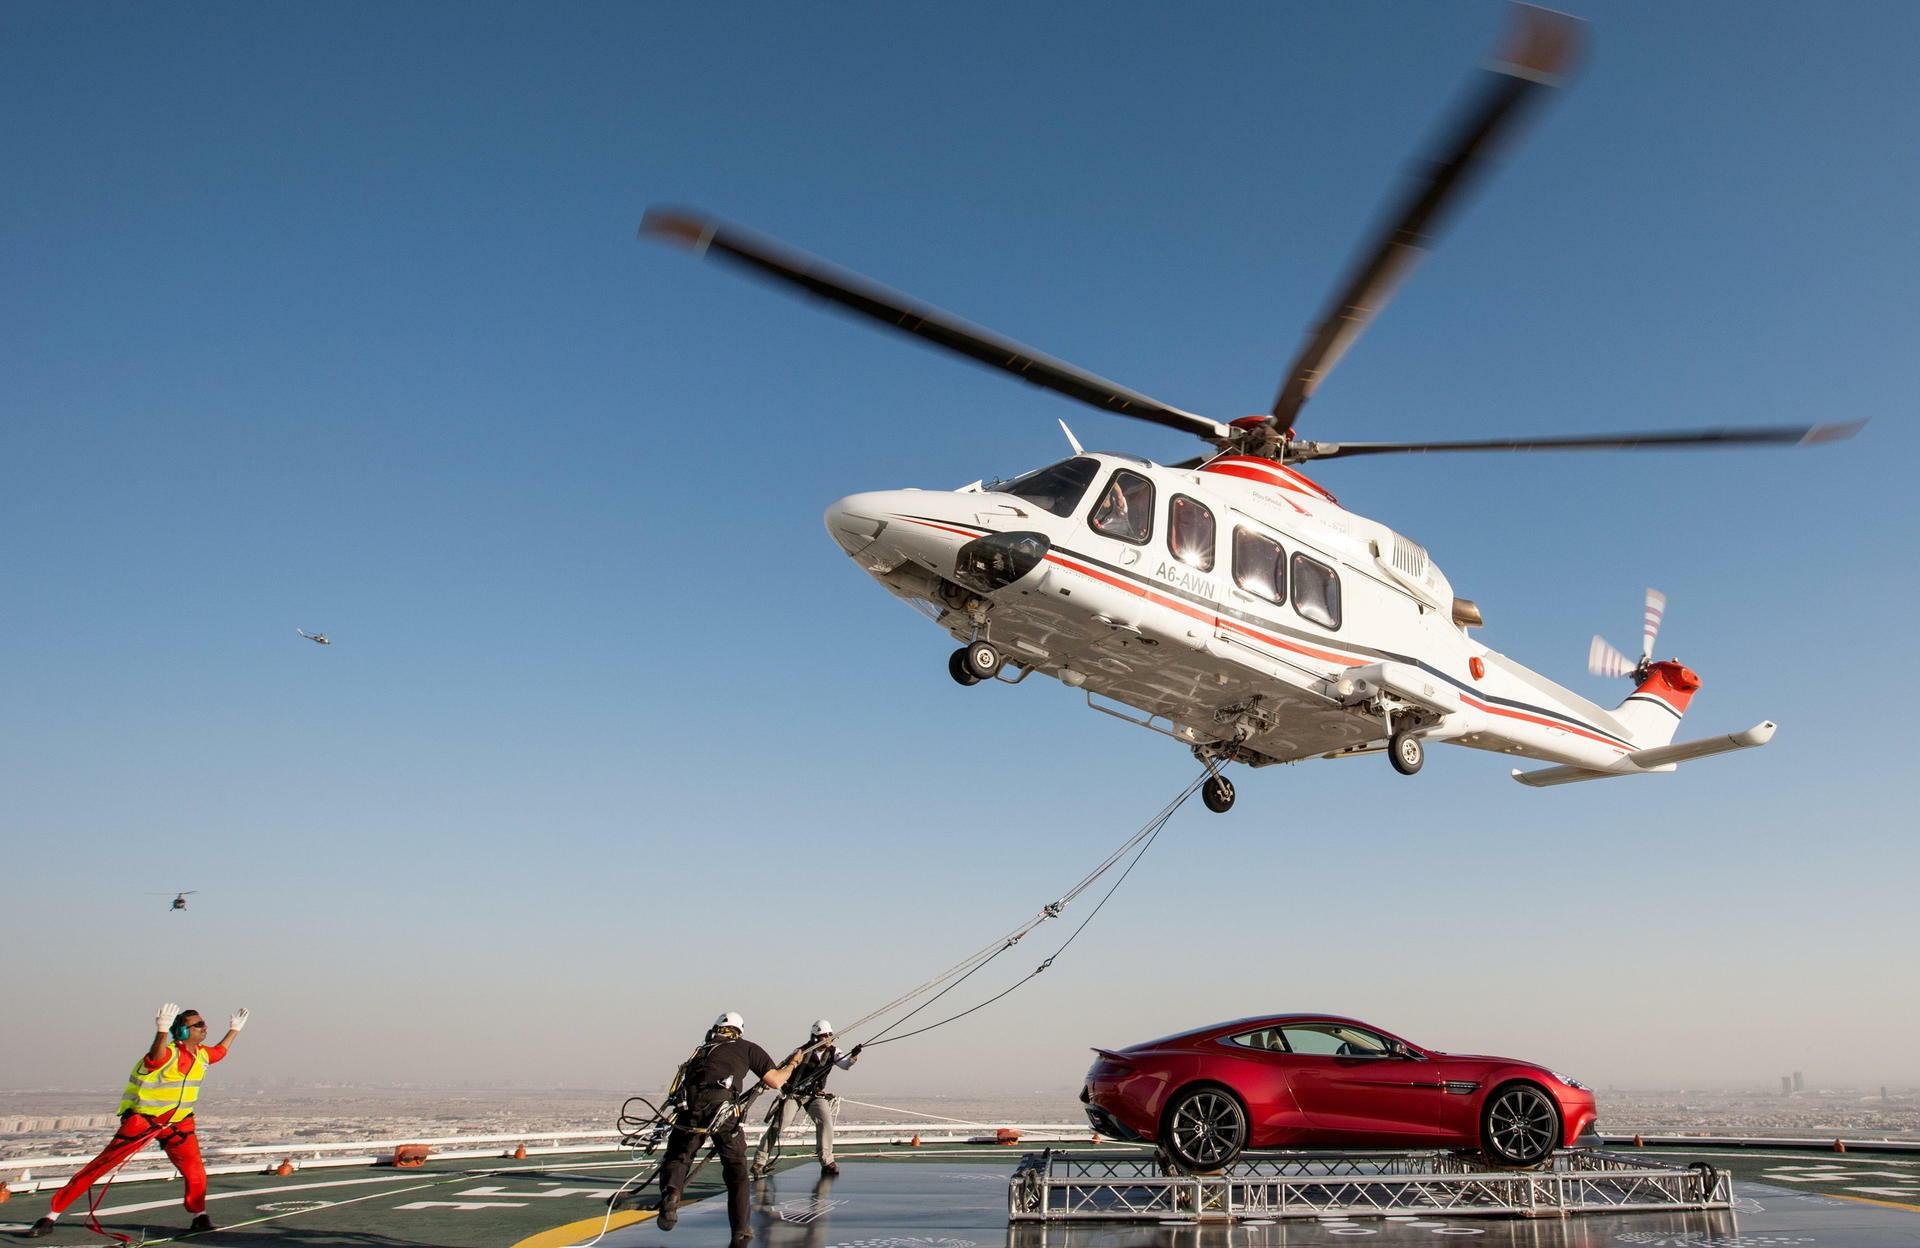 Werbeaktion Zum 100 Firmengeburtstag Wenig Applaus Für Astons Martins Hubschrauber Stunt